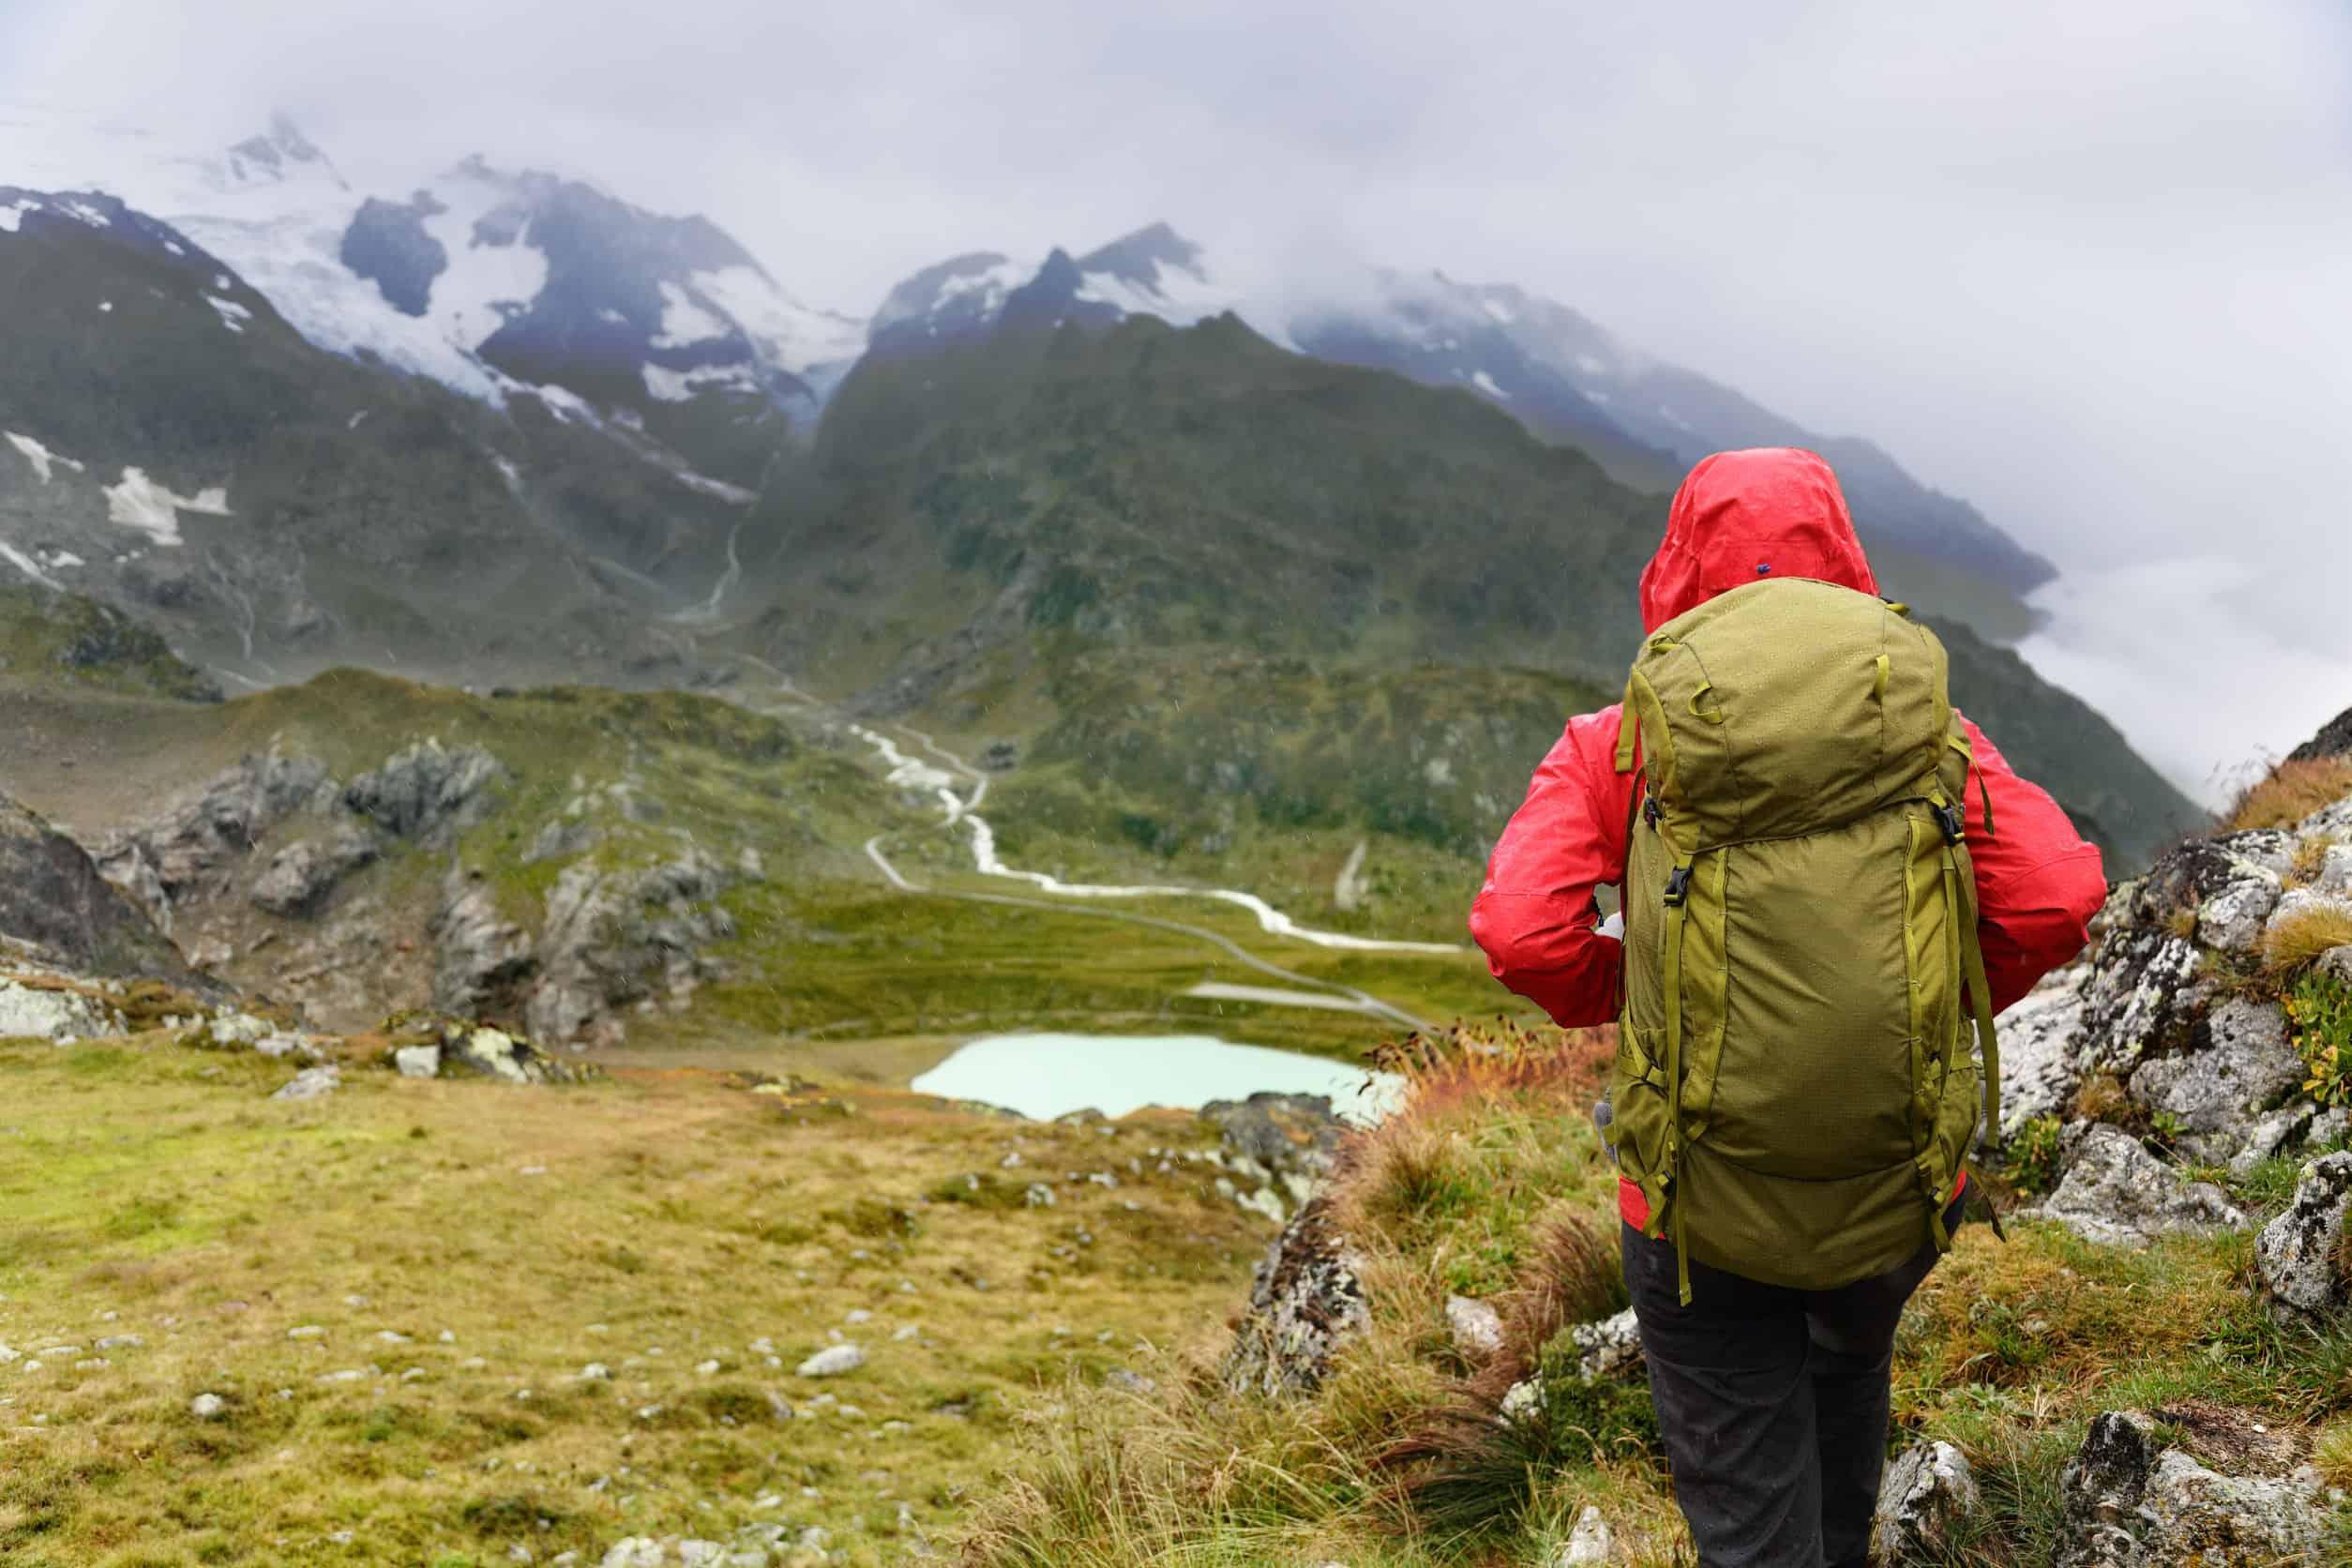 Wanderrucksack: Test & Empfehlungen (05/21)